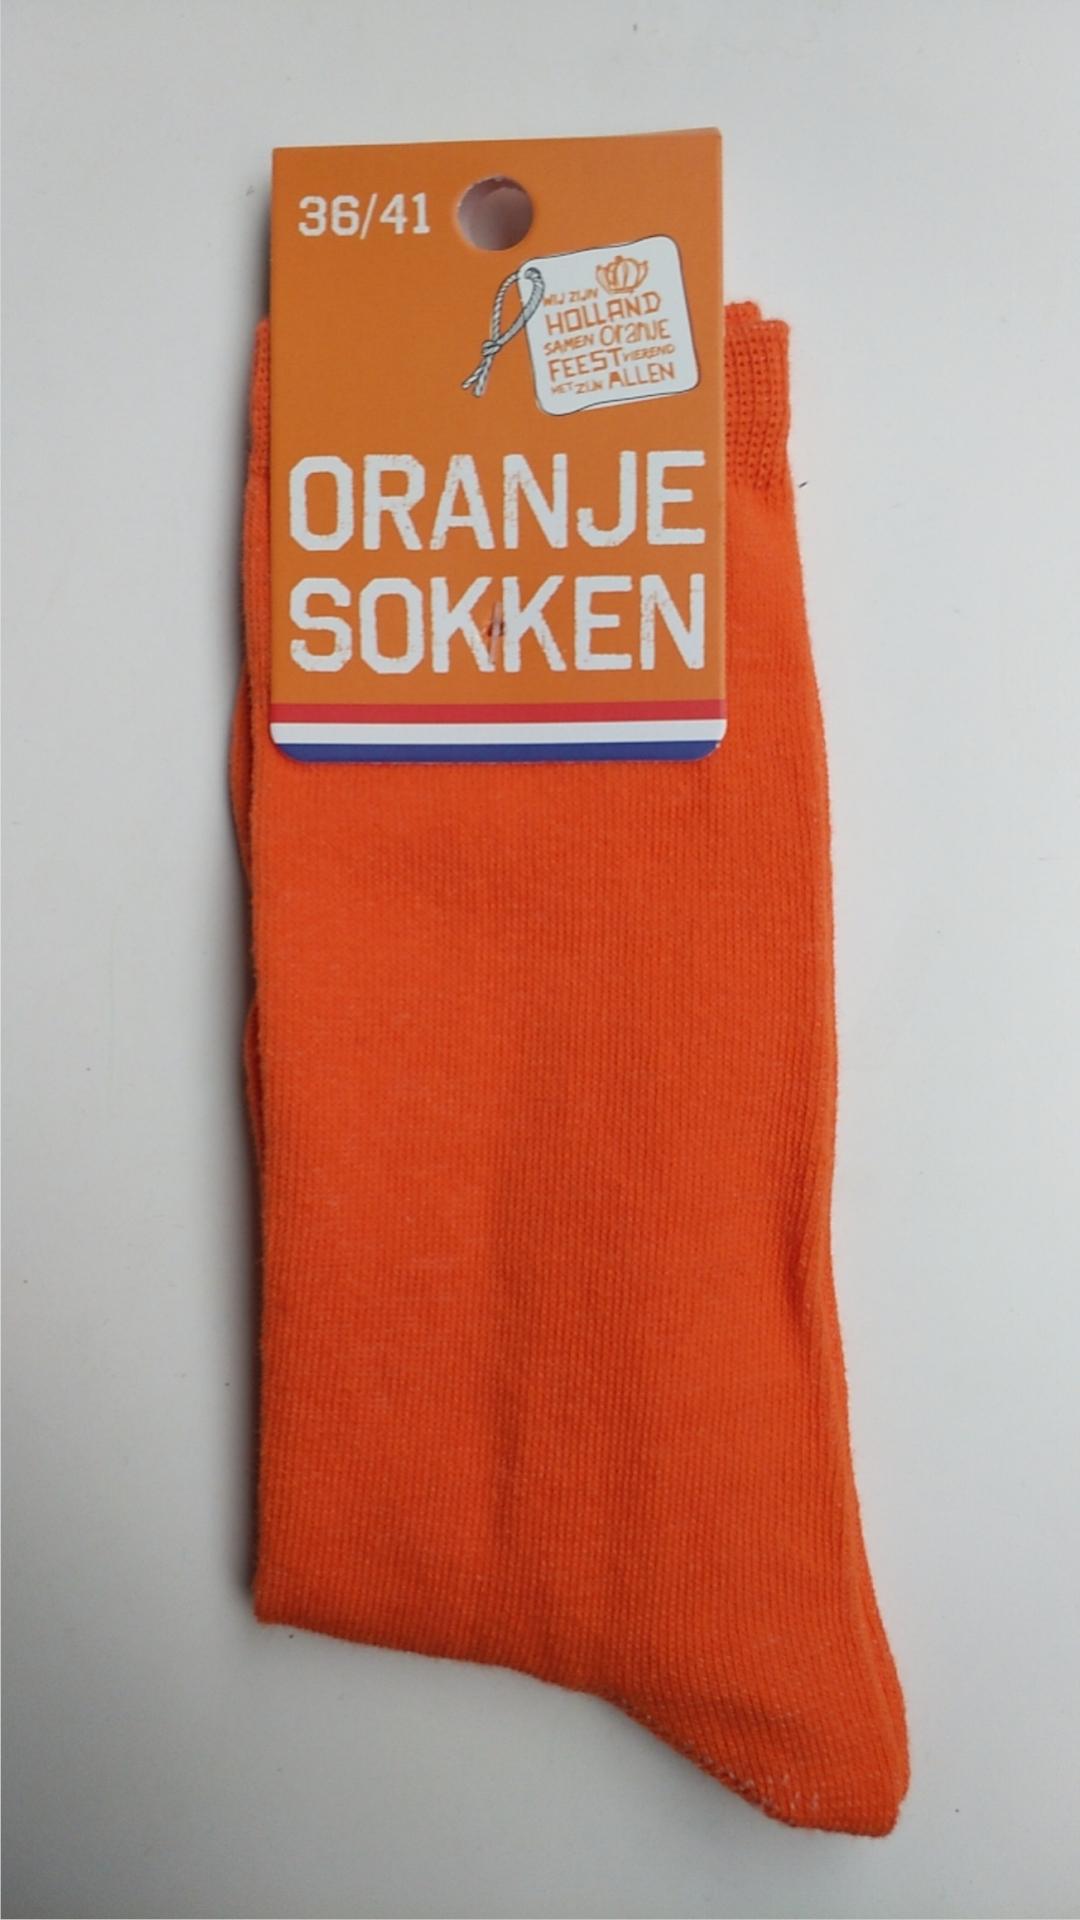 Oranje dames sokken 36-41